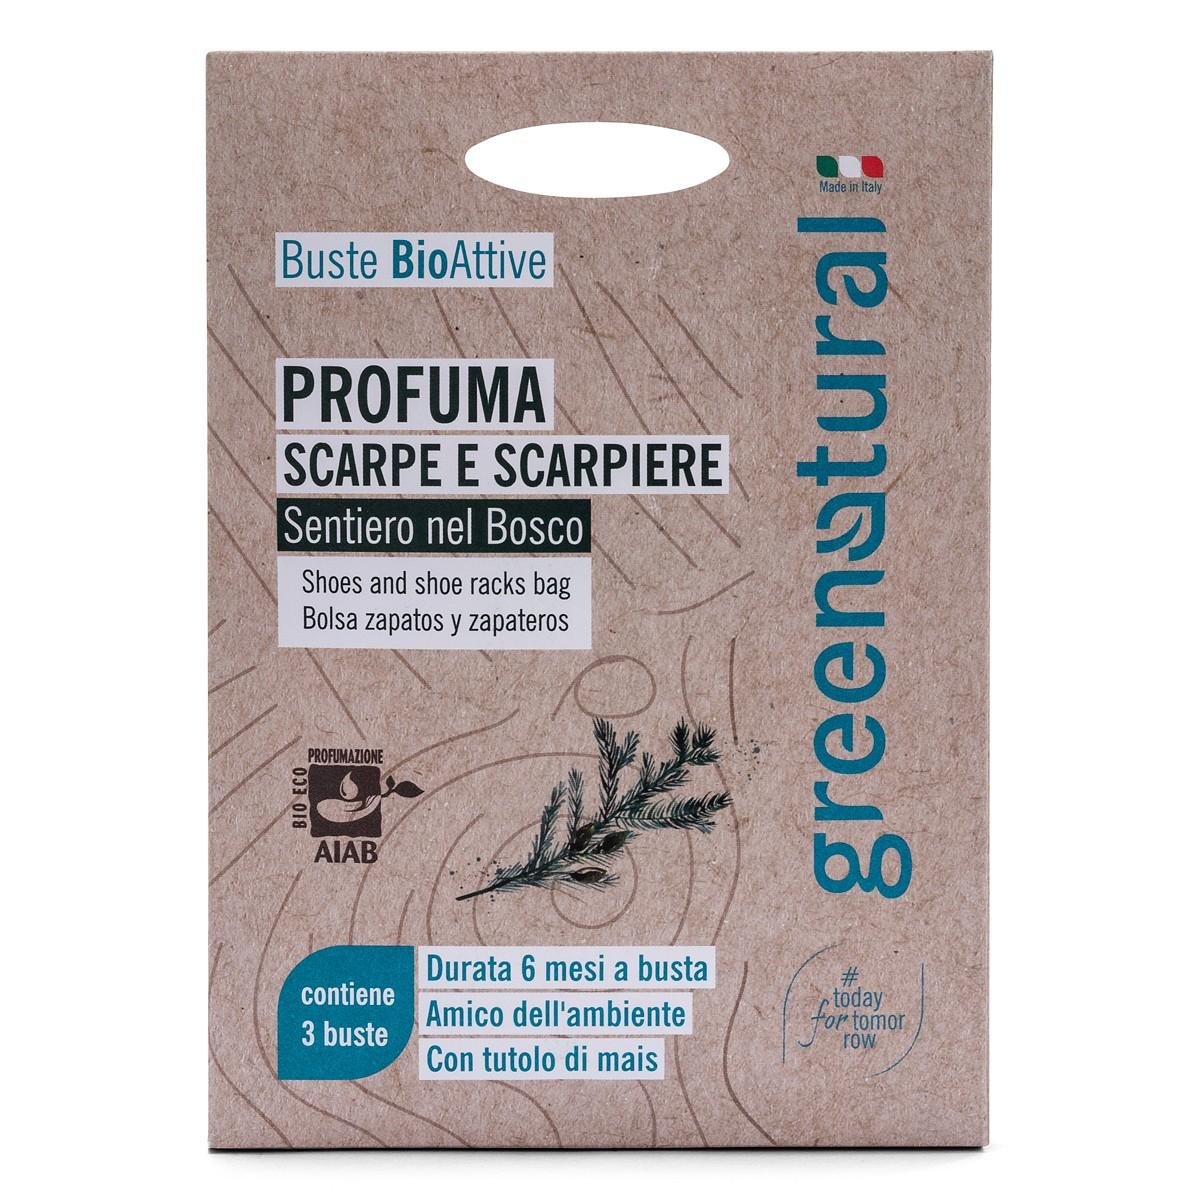 Buste Bioattive Profuma Scarpe & Scarpiere